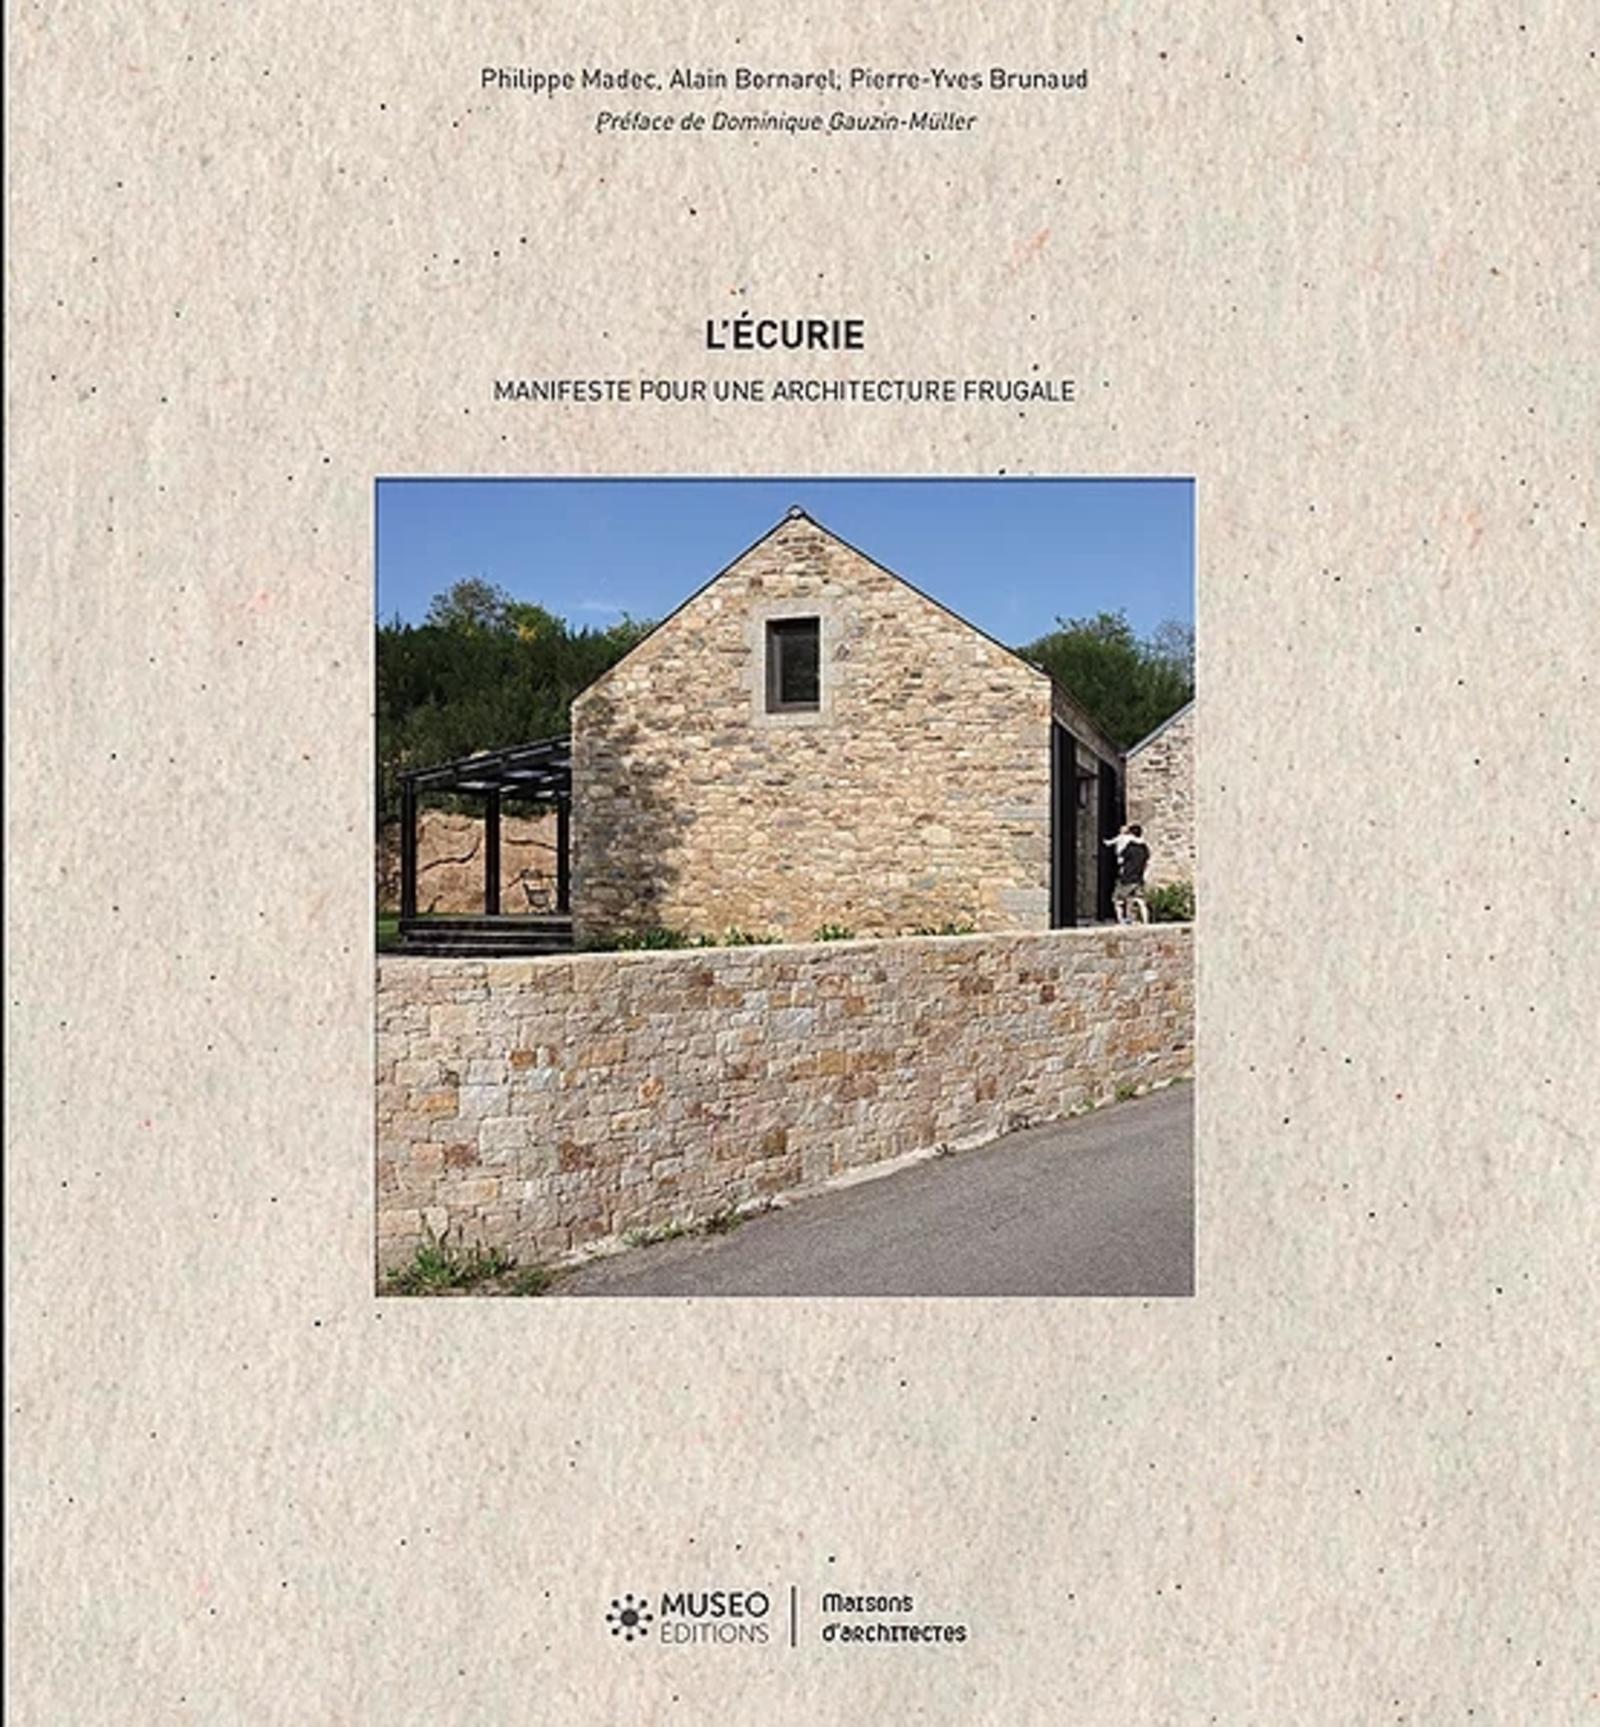 L'ECURIE - MANIFESTE POUR UNE ARCHITECTURE FRUGALE